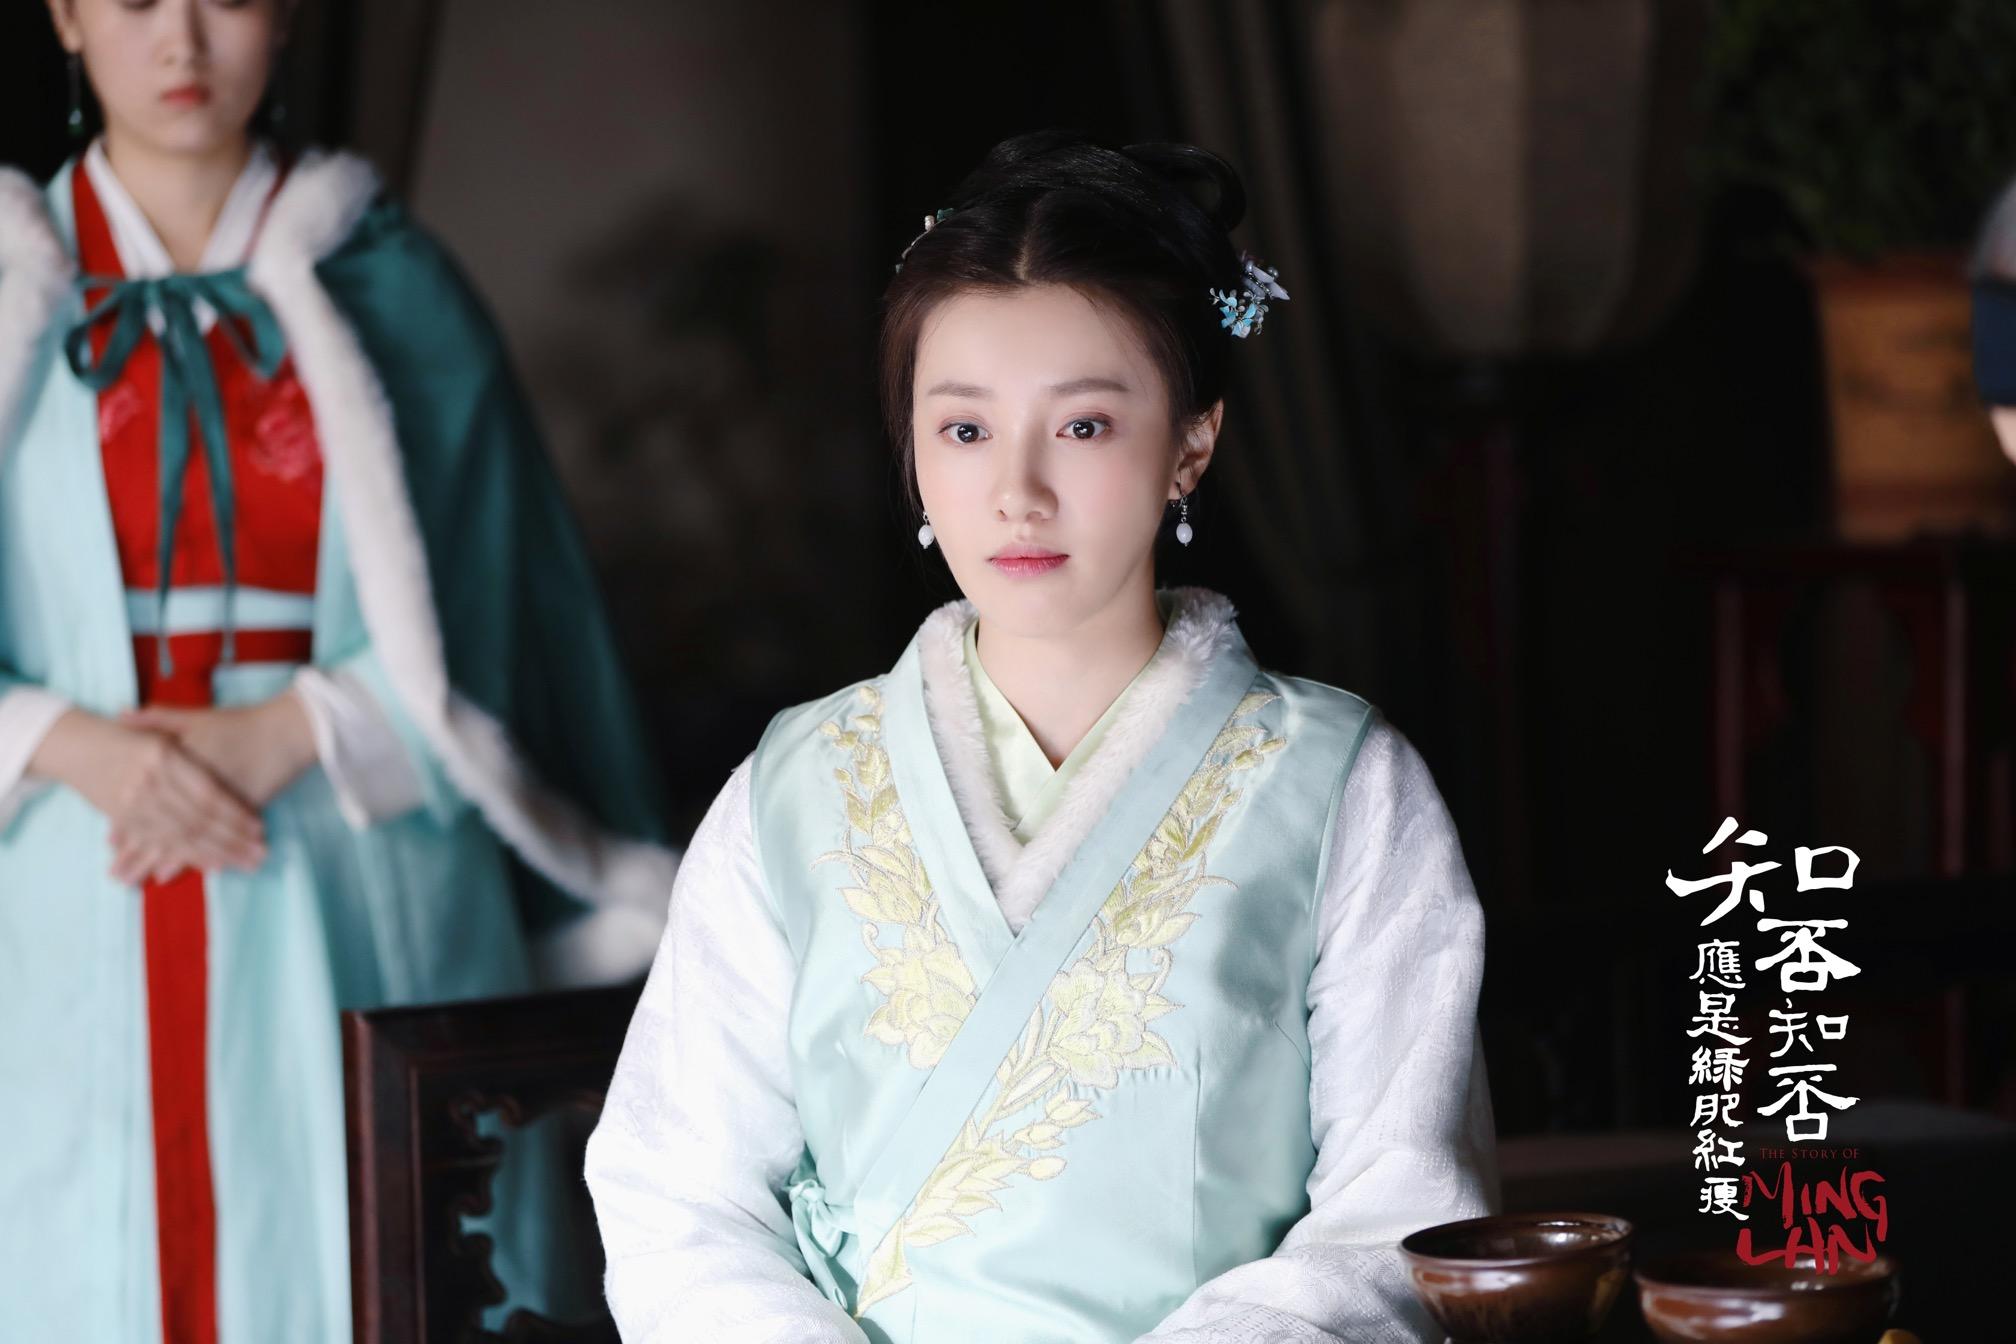 《知否》开播 王鹤润挑战年龄差演绎长姐华兰